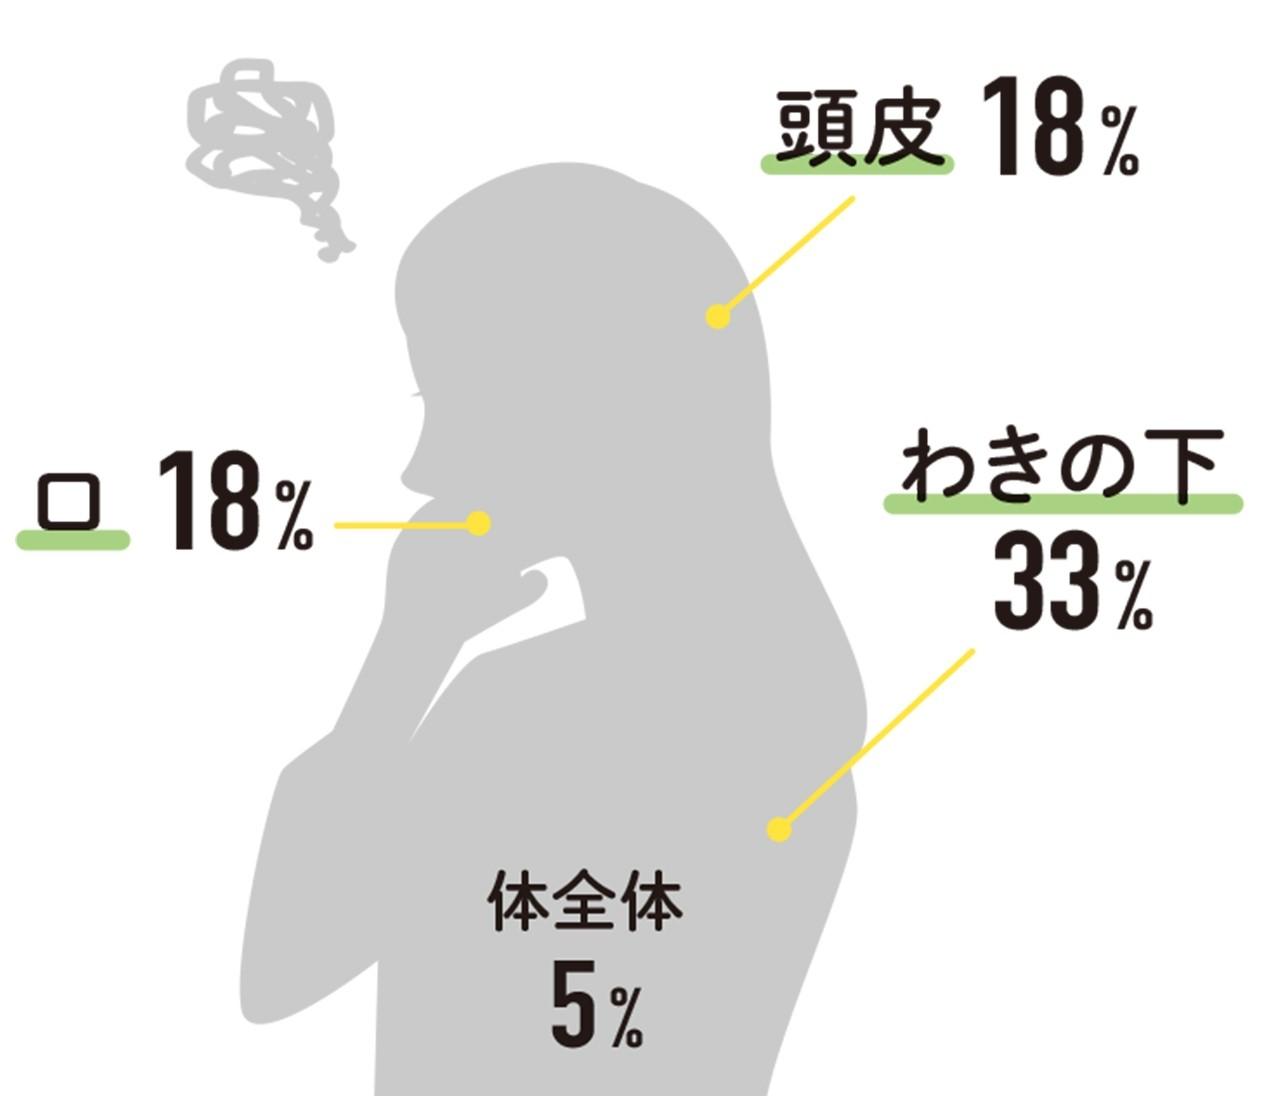 【30代女子のニオイ対策】バイラ世代に気になる自分のニオイをアンケート!